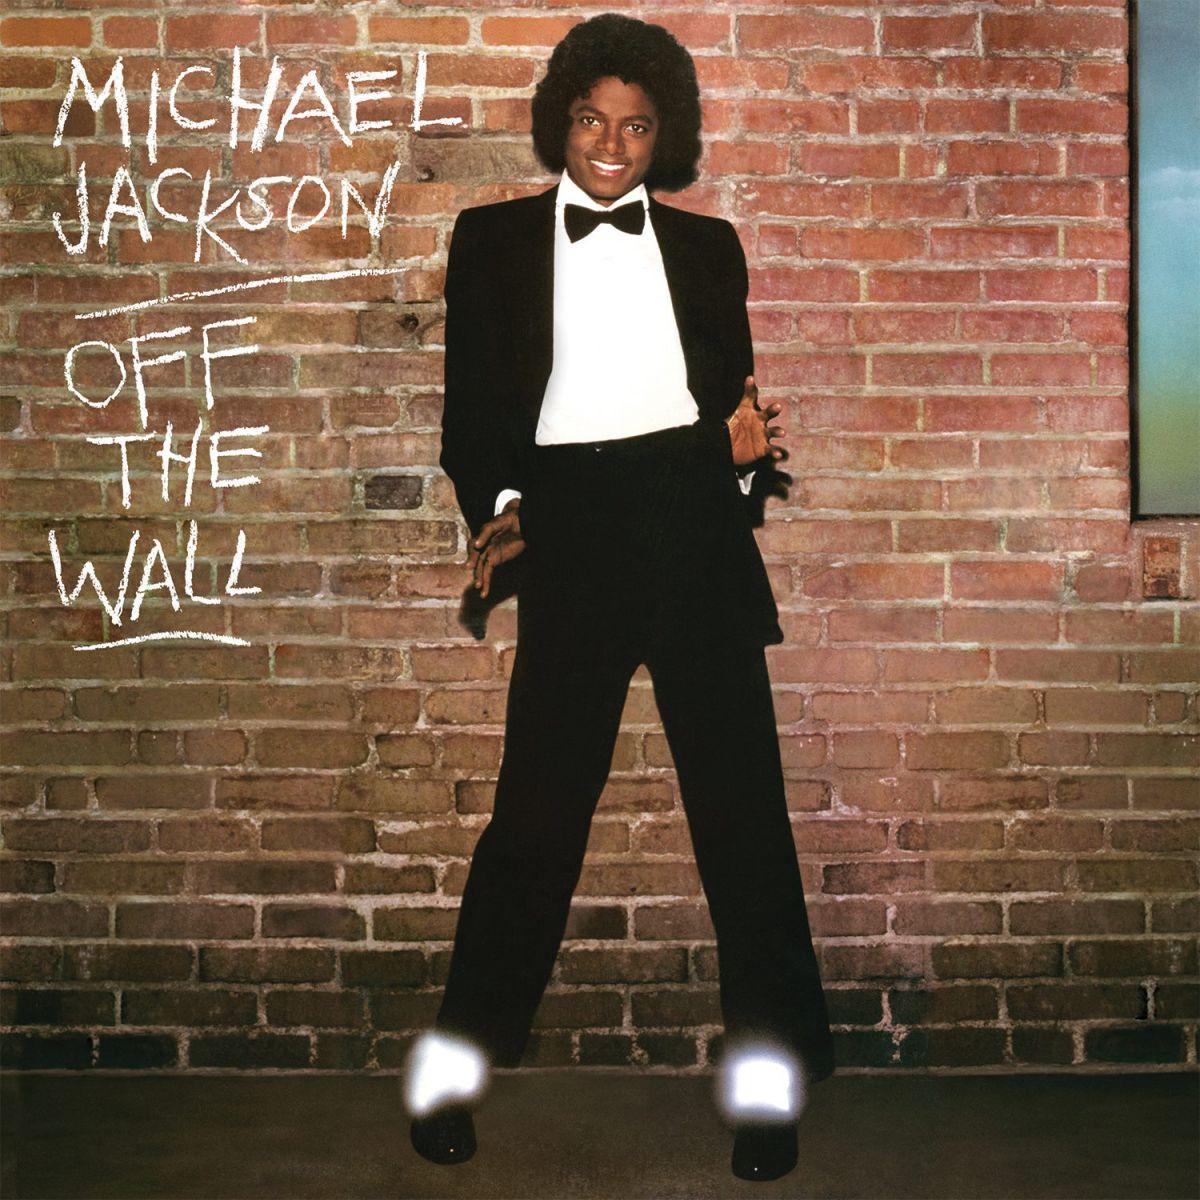 Este disco marcó un antes y un después en su carrera. Foto: Facebook.